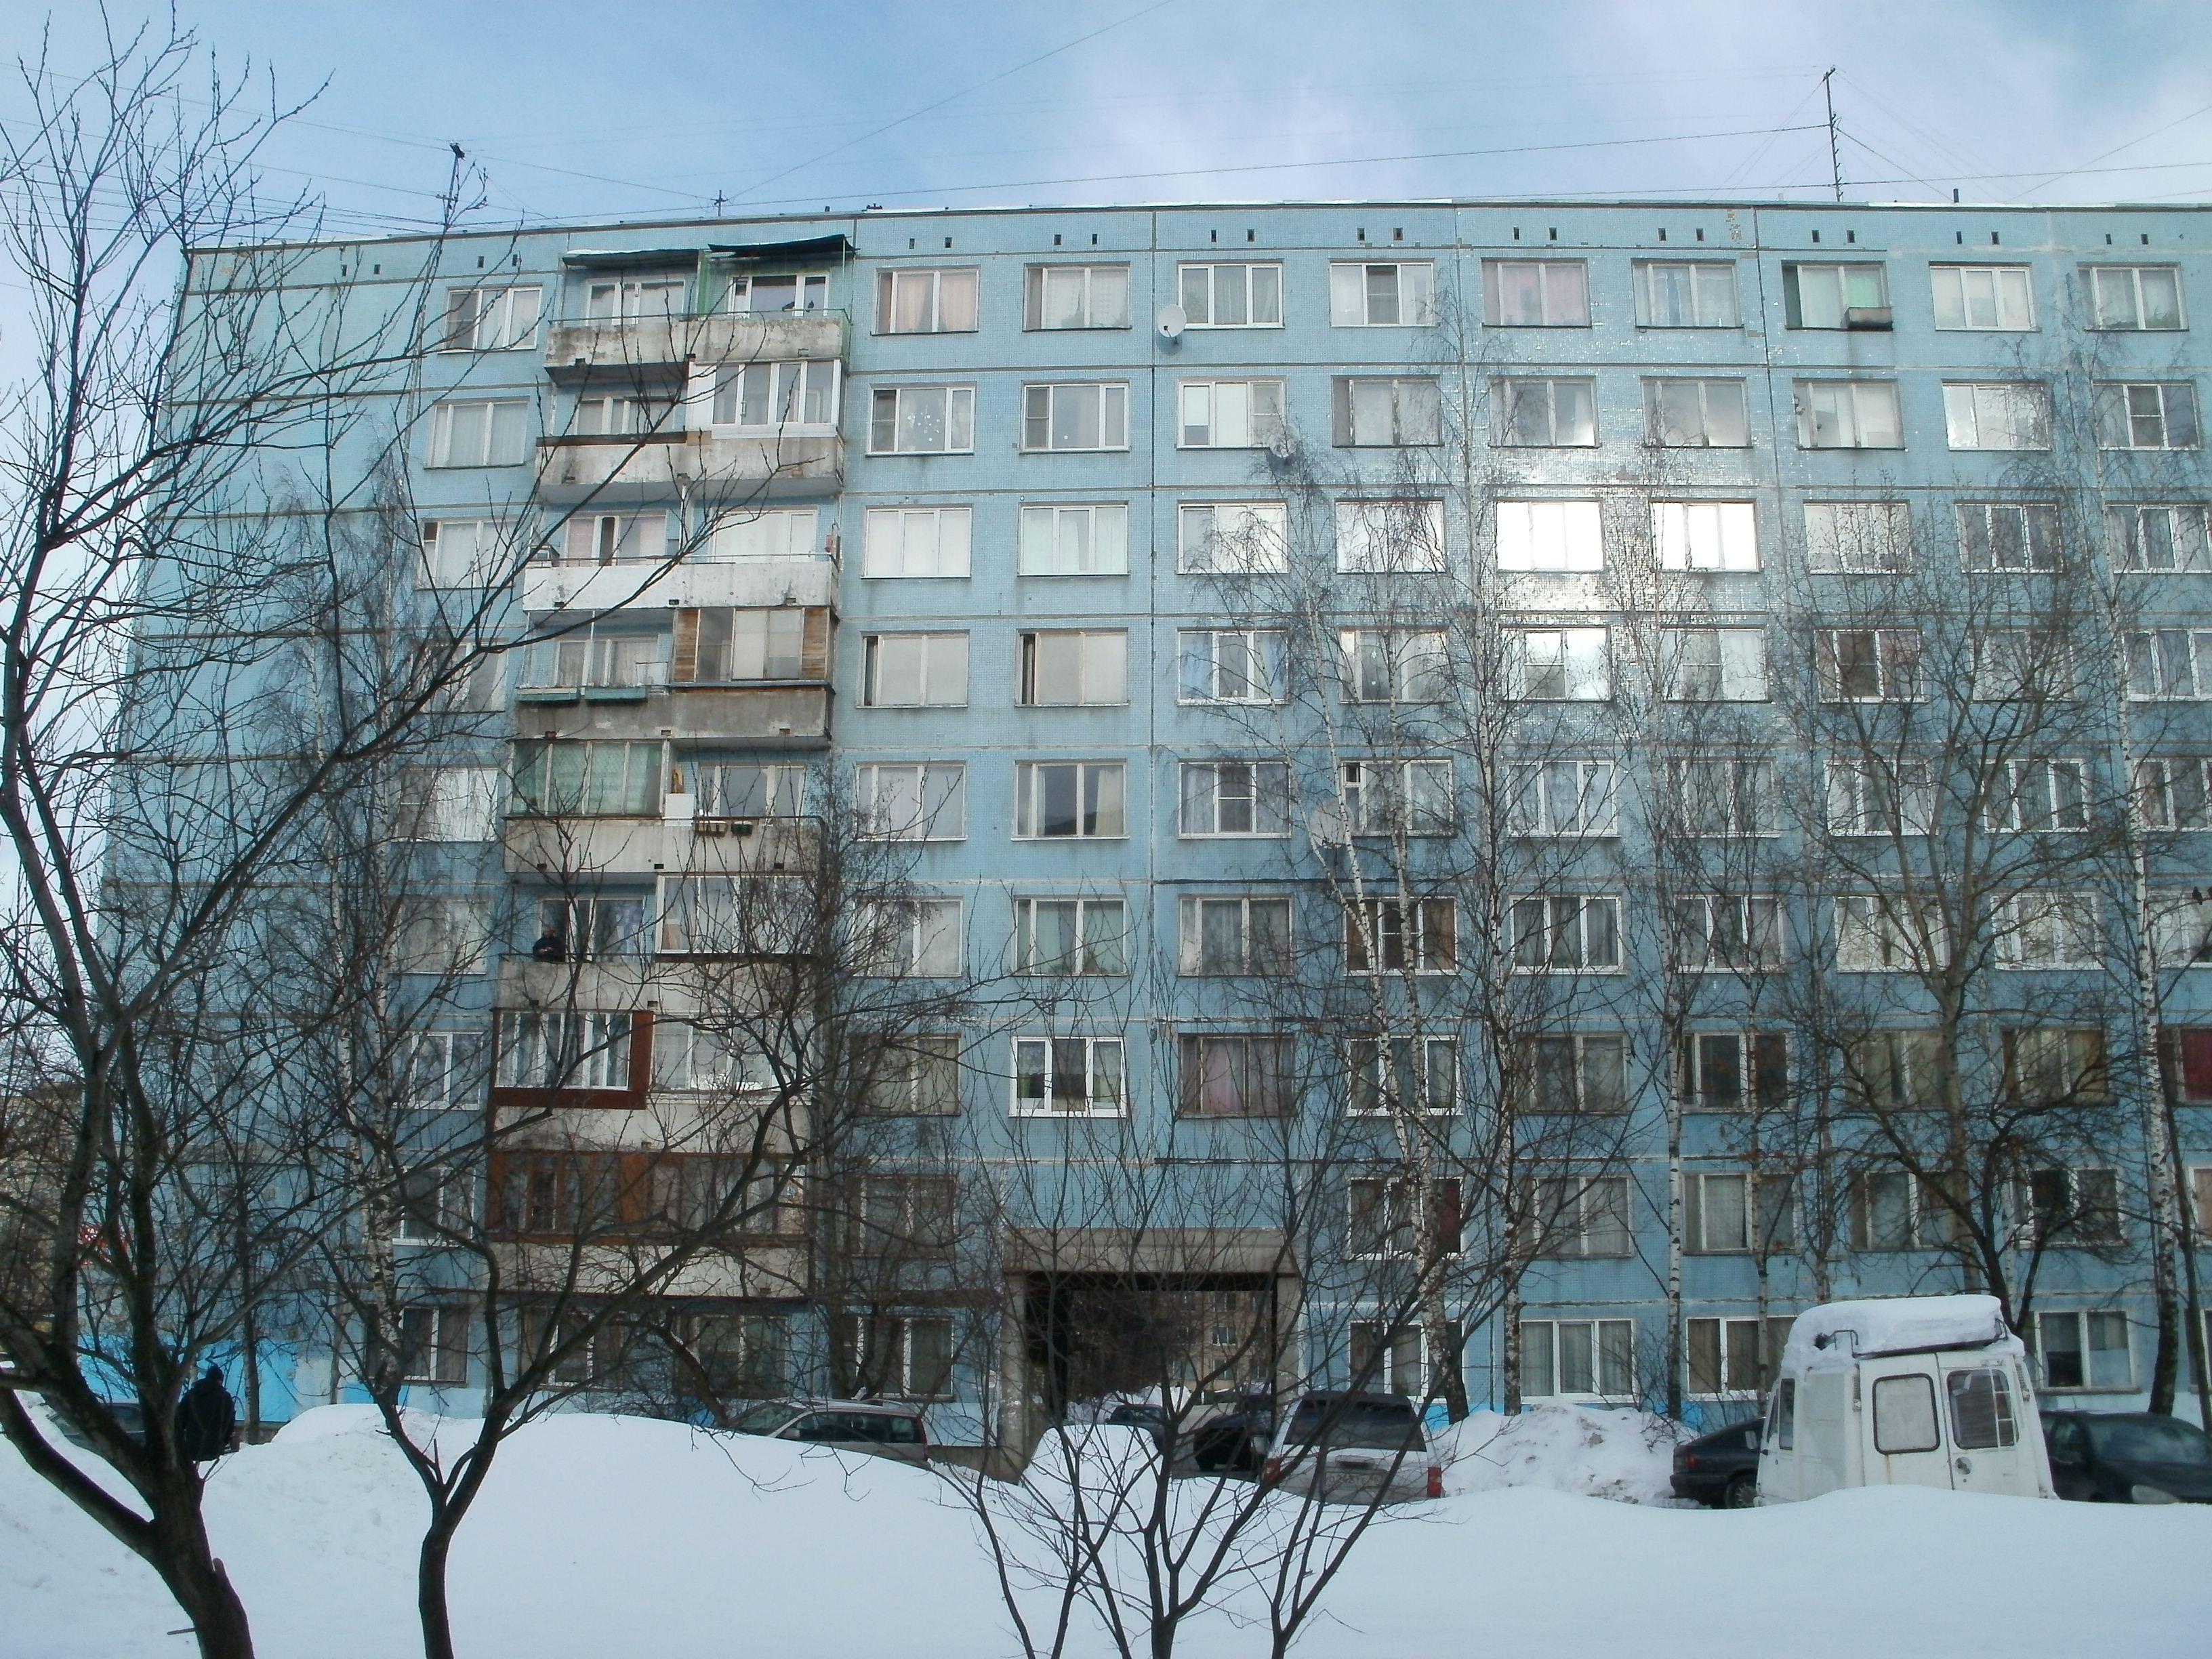 Только минет и всё питер пр большевиков 18 фотография